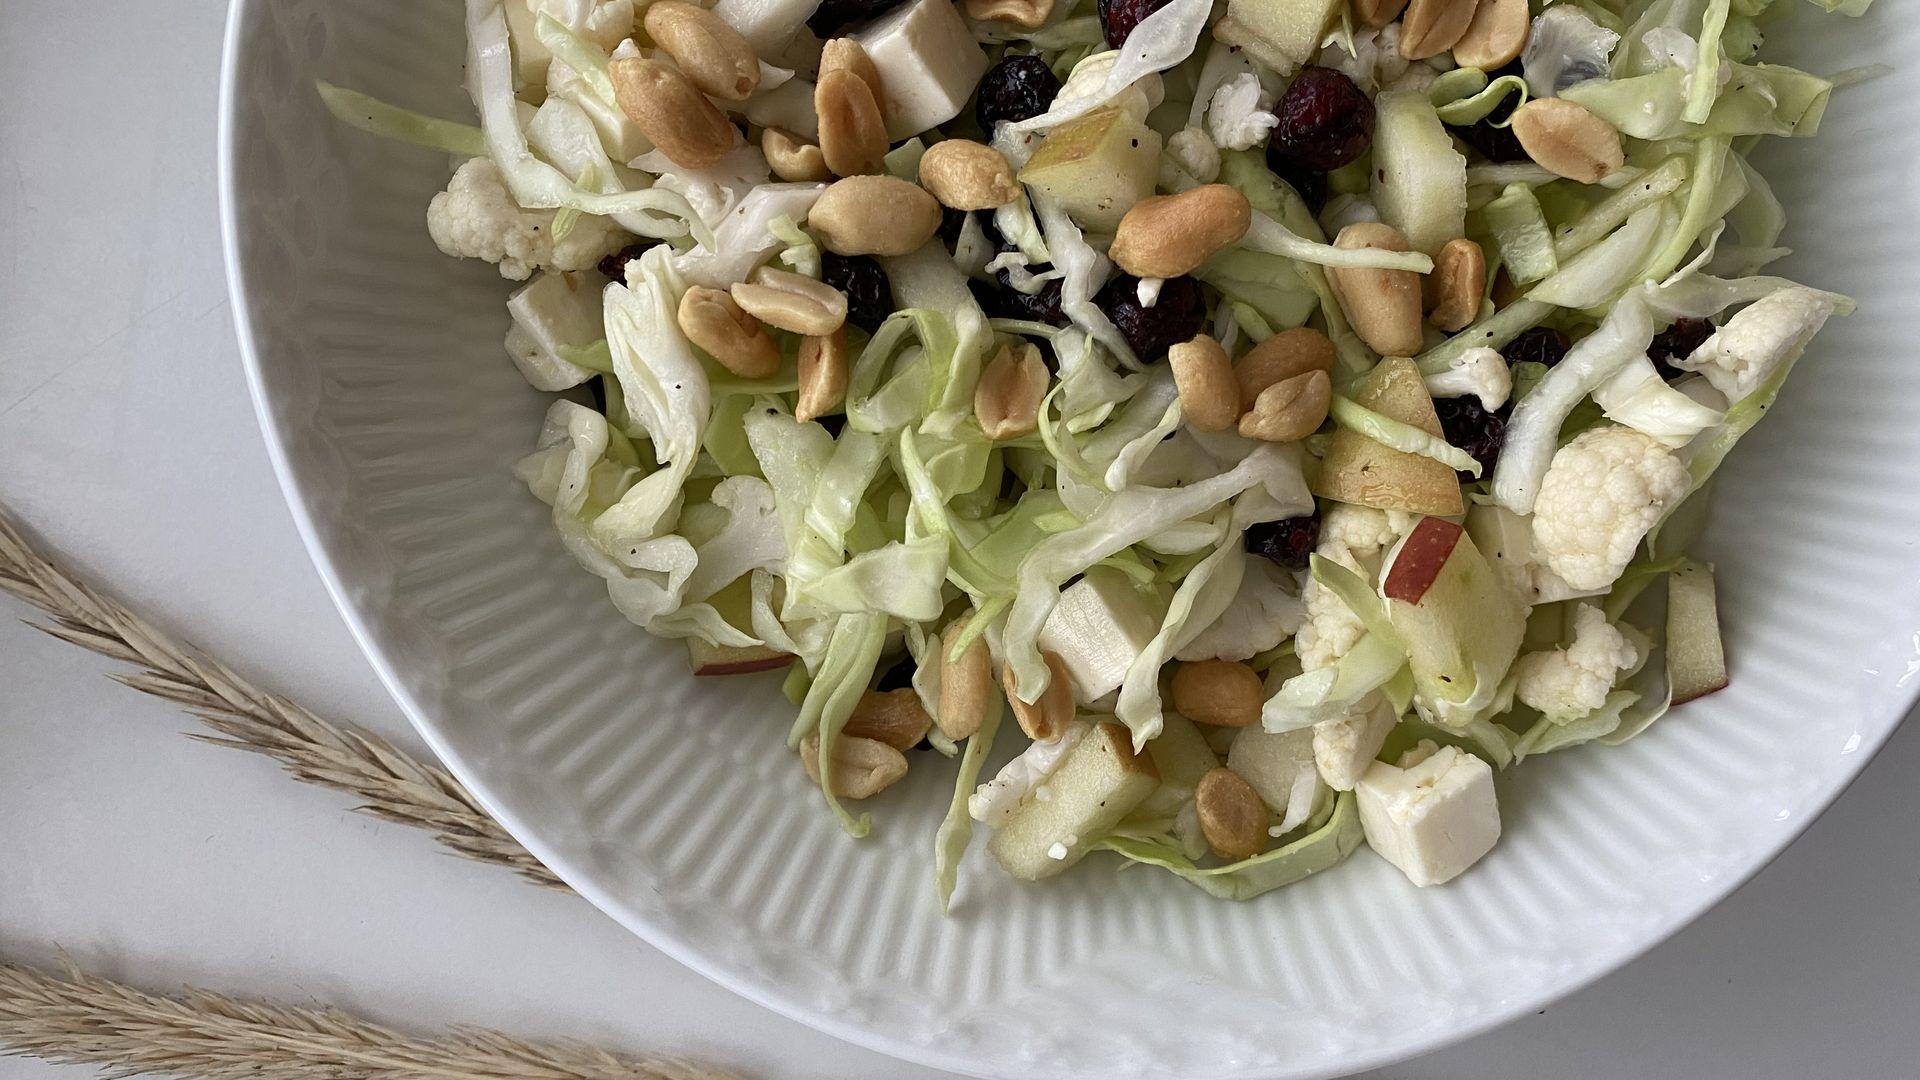 Spidskålssalat med tranebær og peanuts